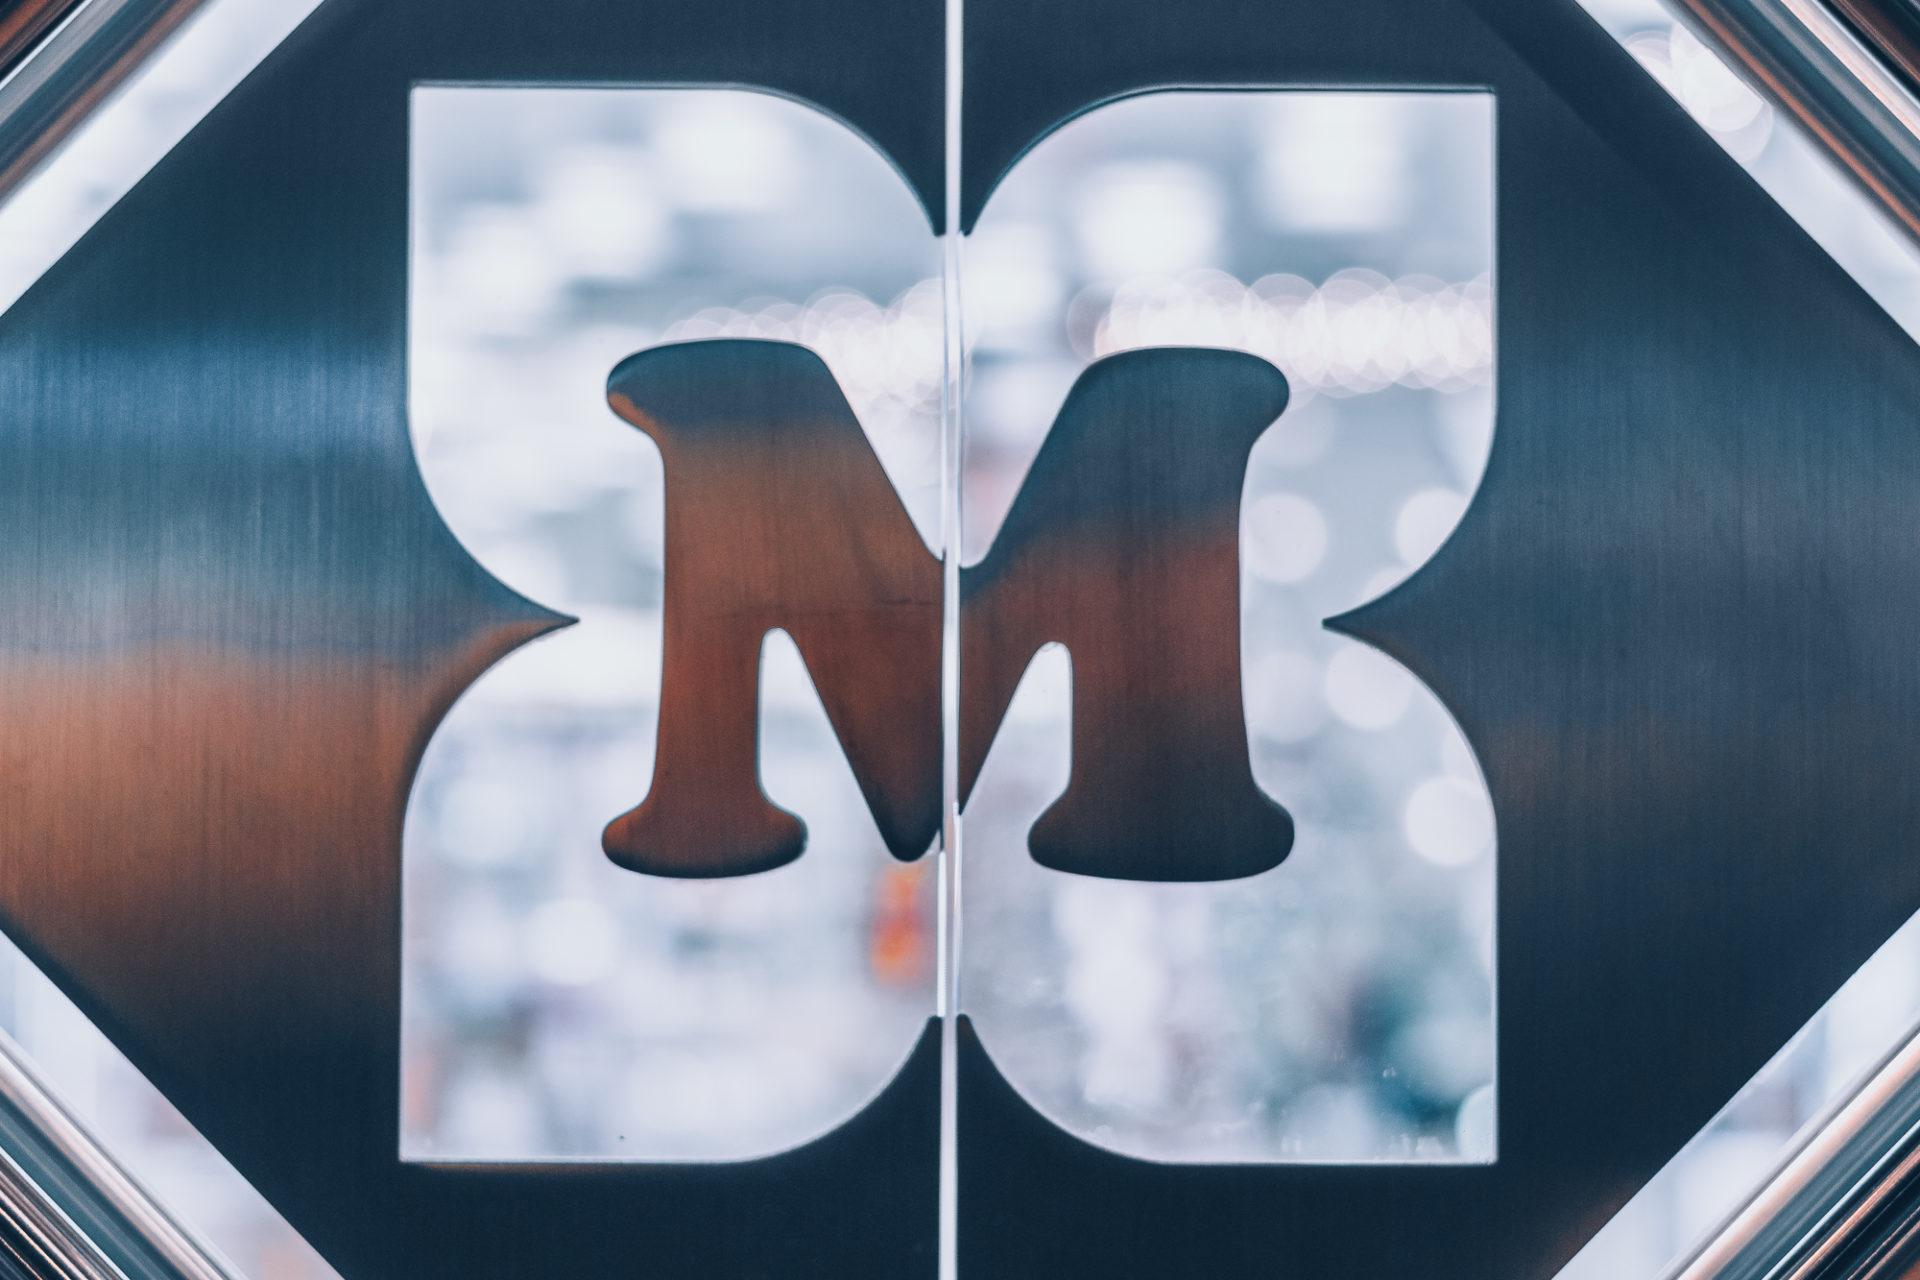 Nahaufnahme eines stilisierten Logos mit dem Buchstaben M an der Eingangstür eines Ladenlokals